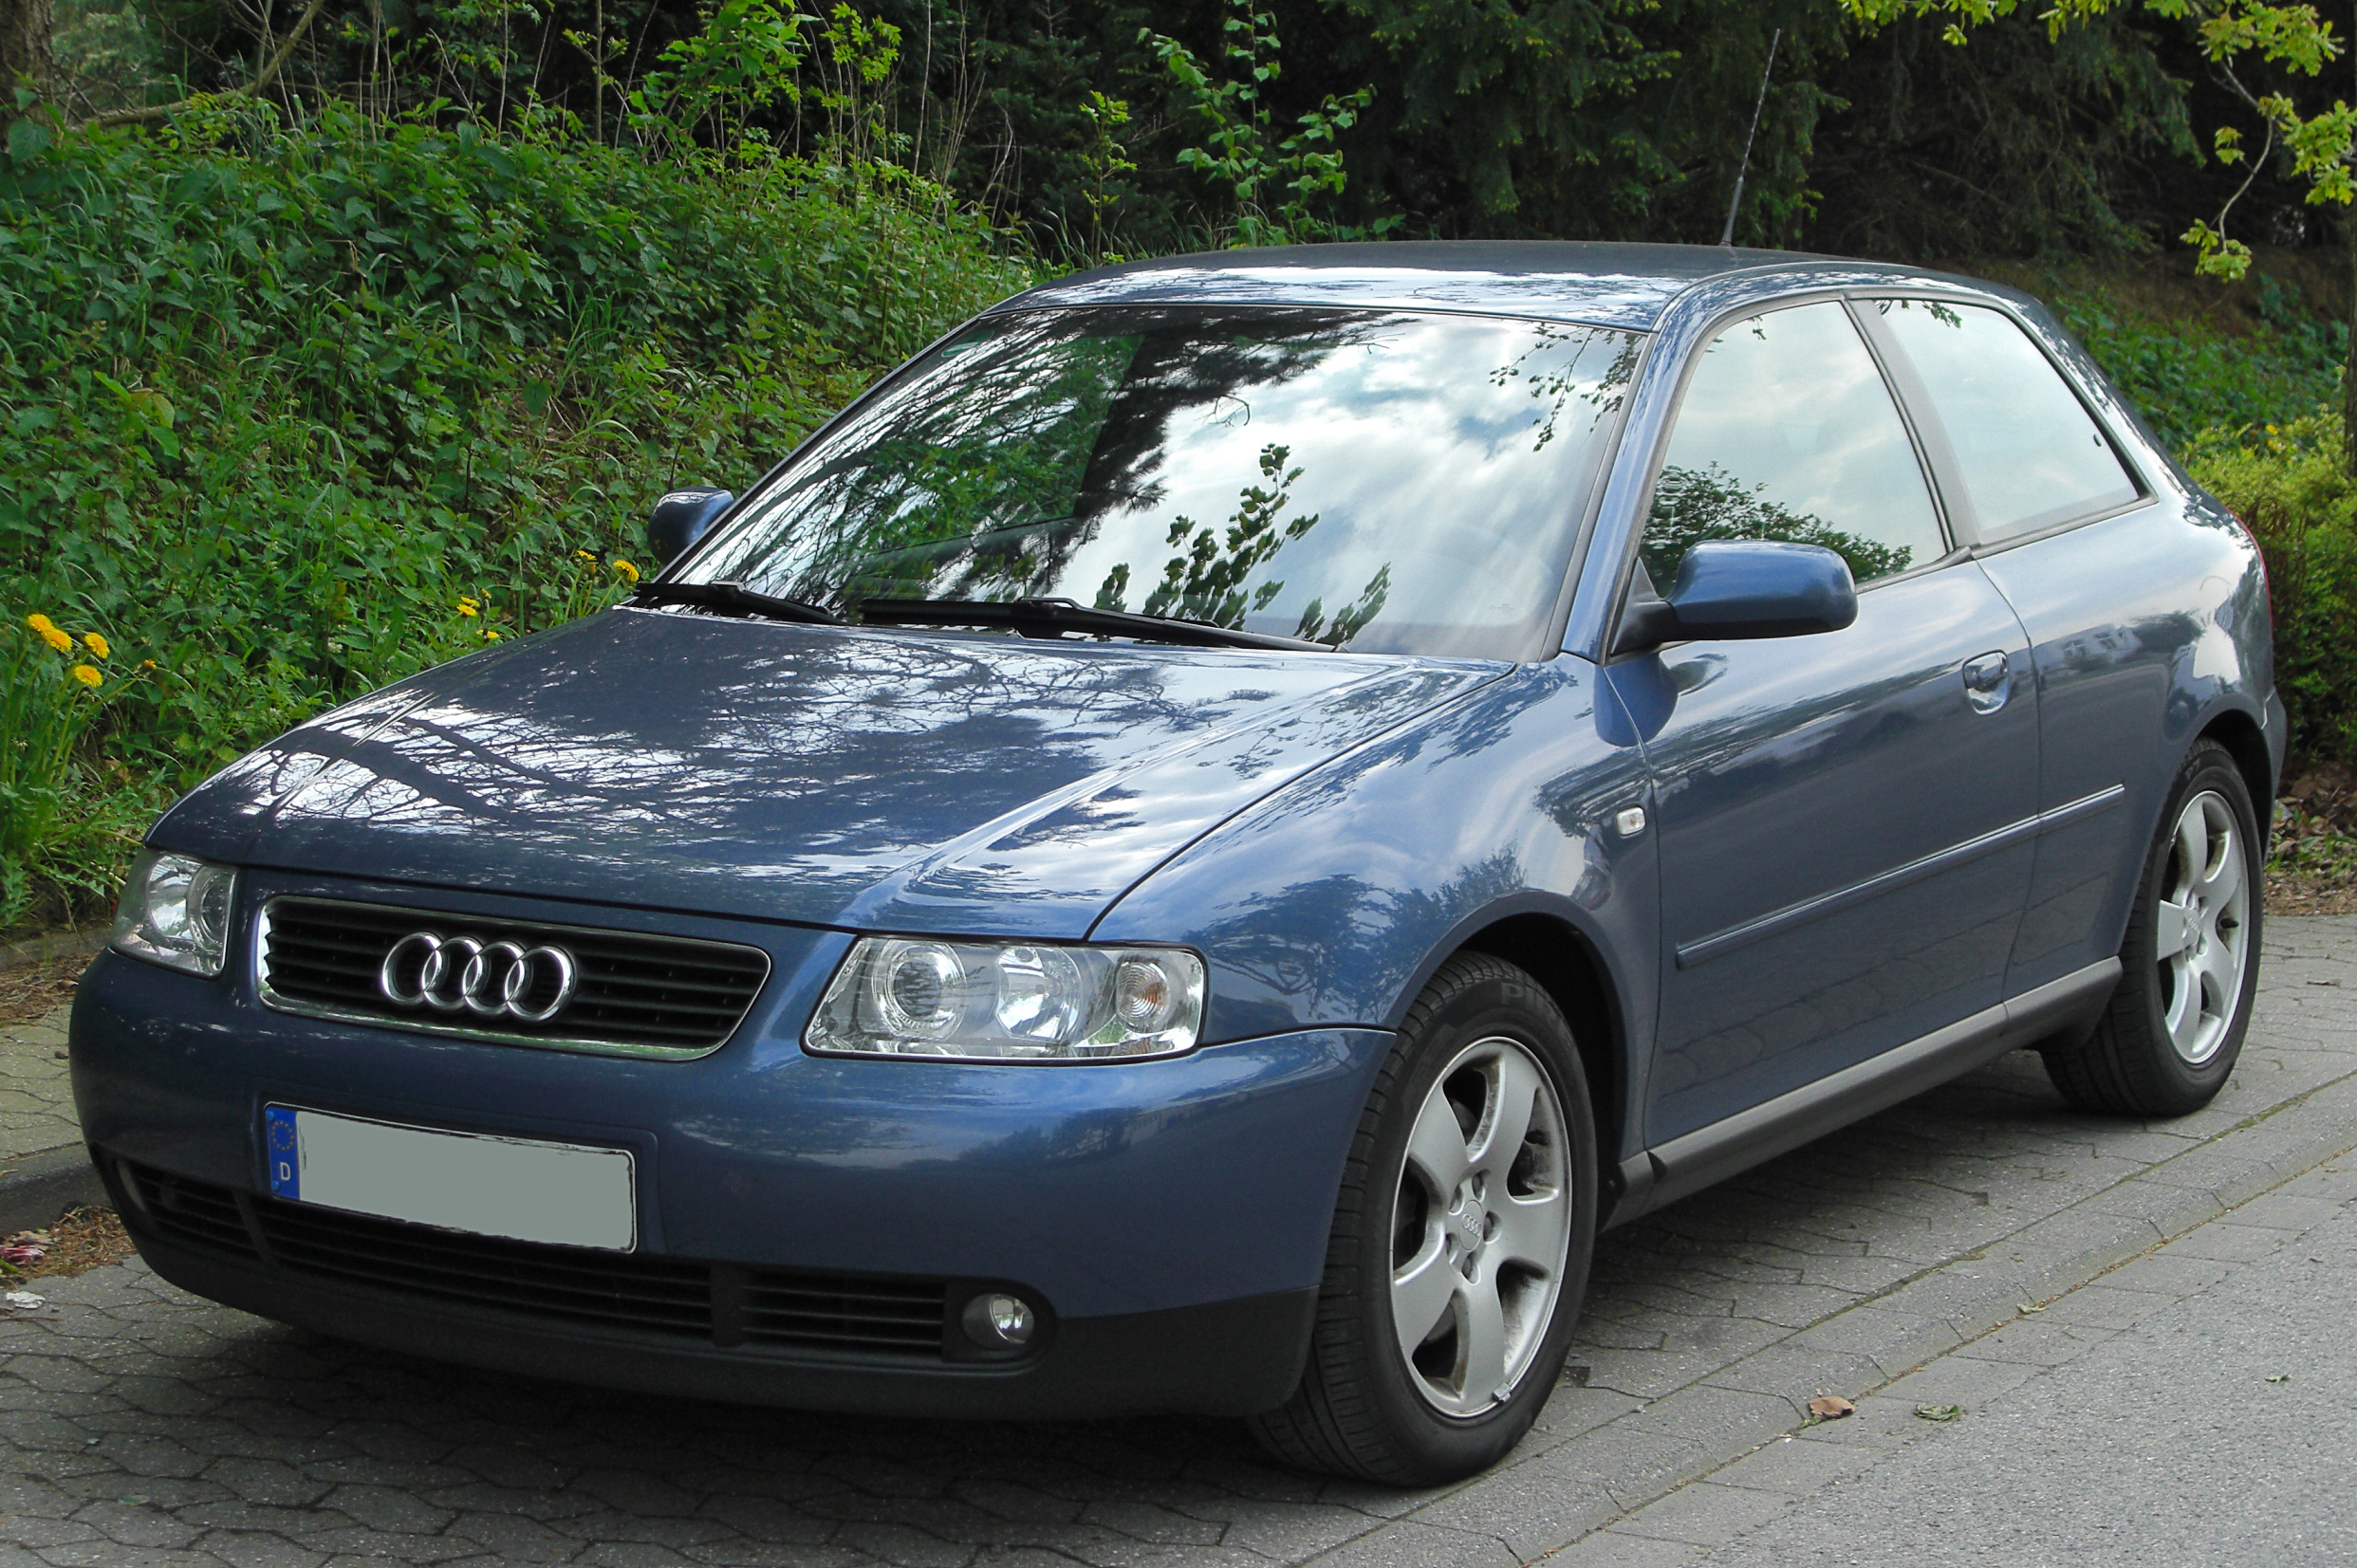 File Audi A3 I 1 9 Tdi Facelift Front 20100509 Jpg